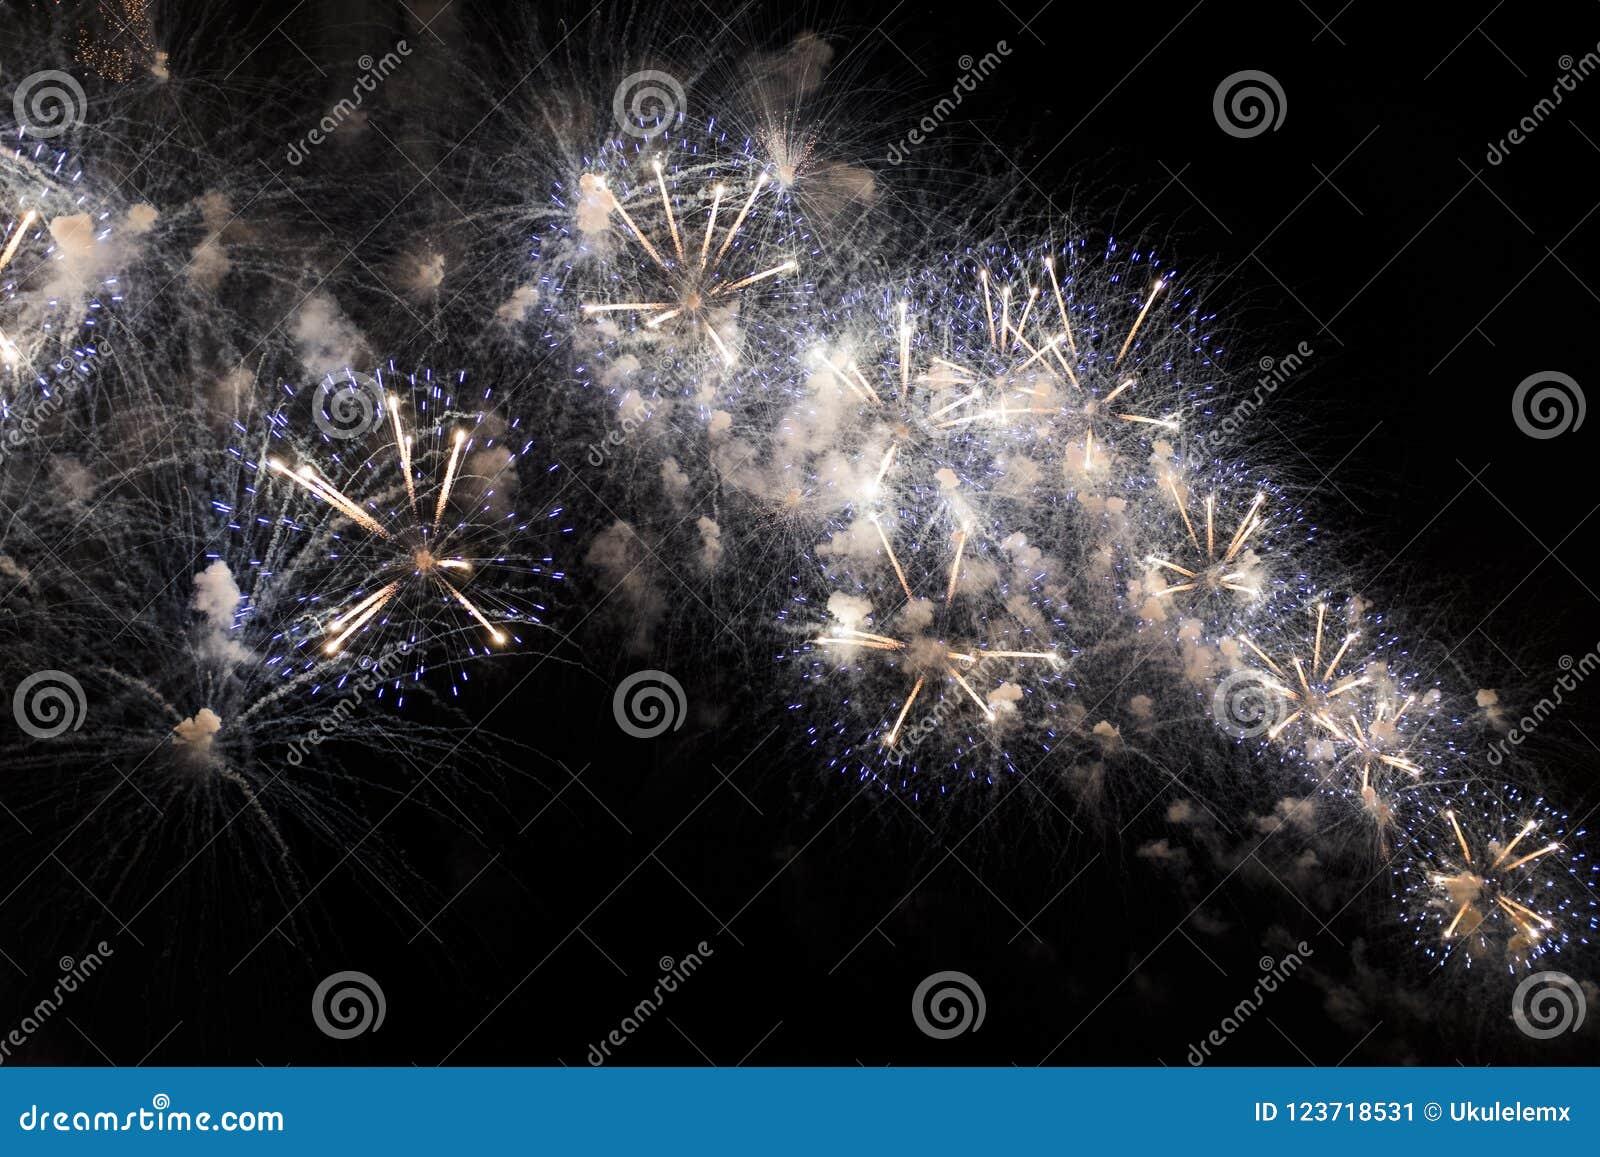 Veelvoudig Vuurwerk in nachthemel in een samenstelling in gouden en witte schaduwen